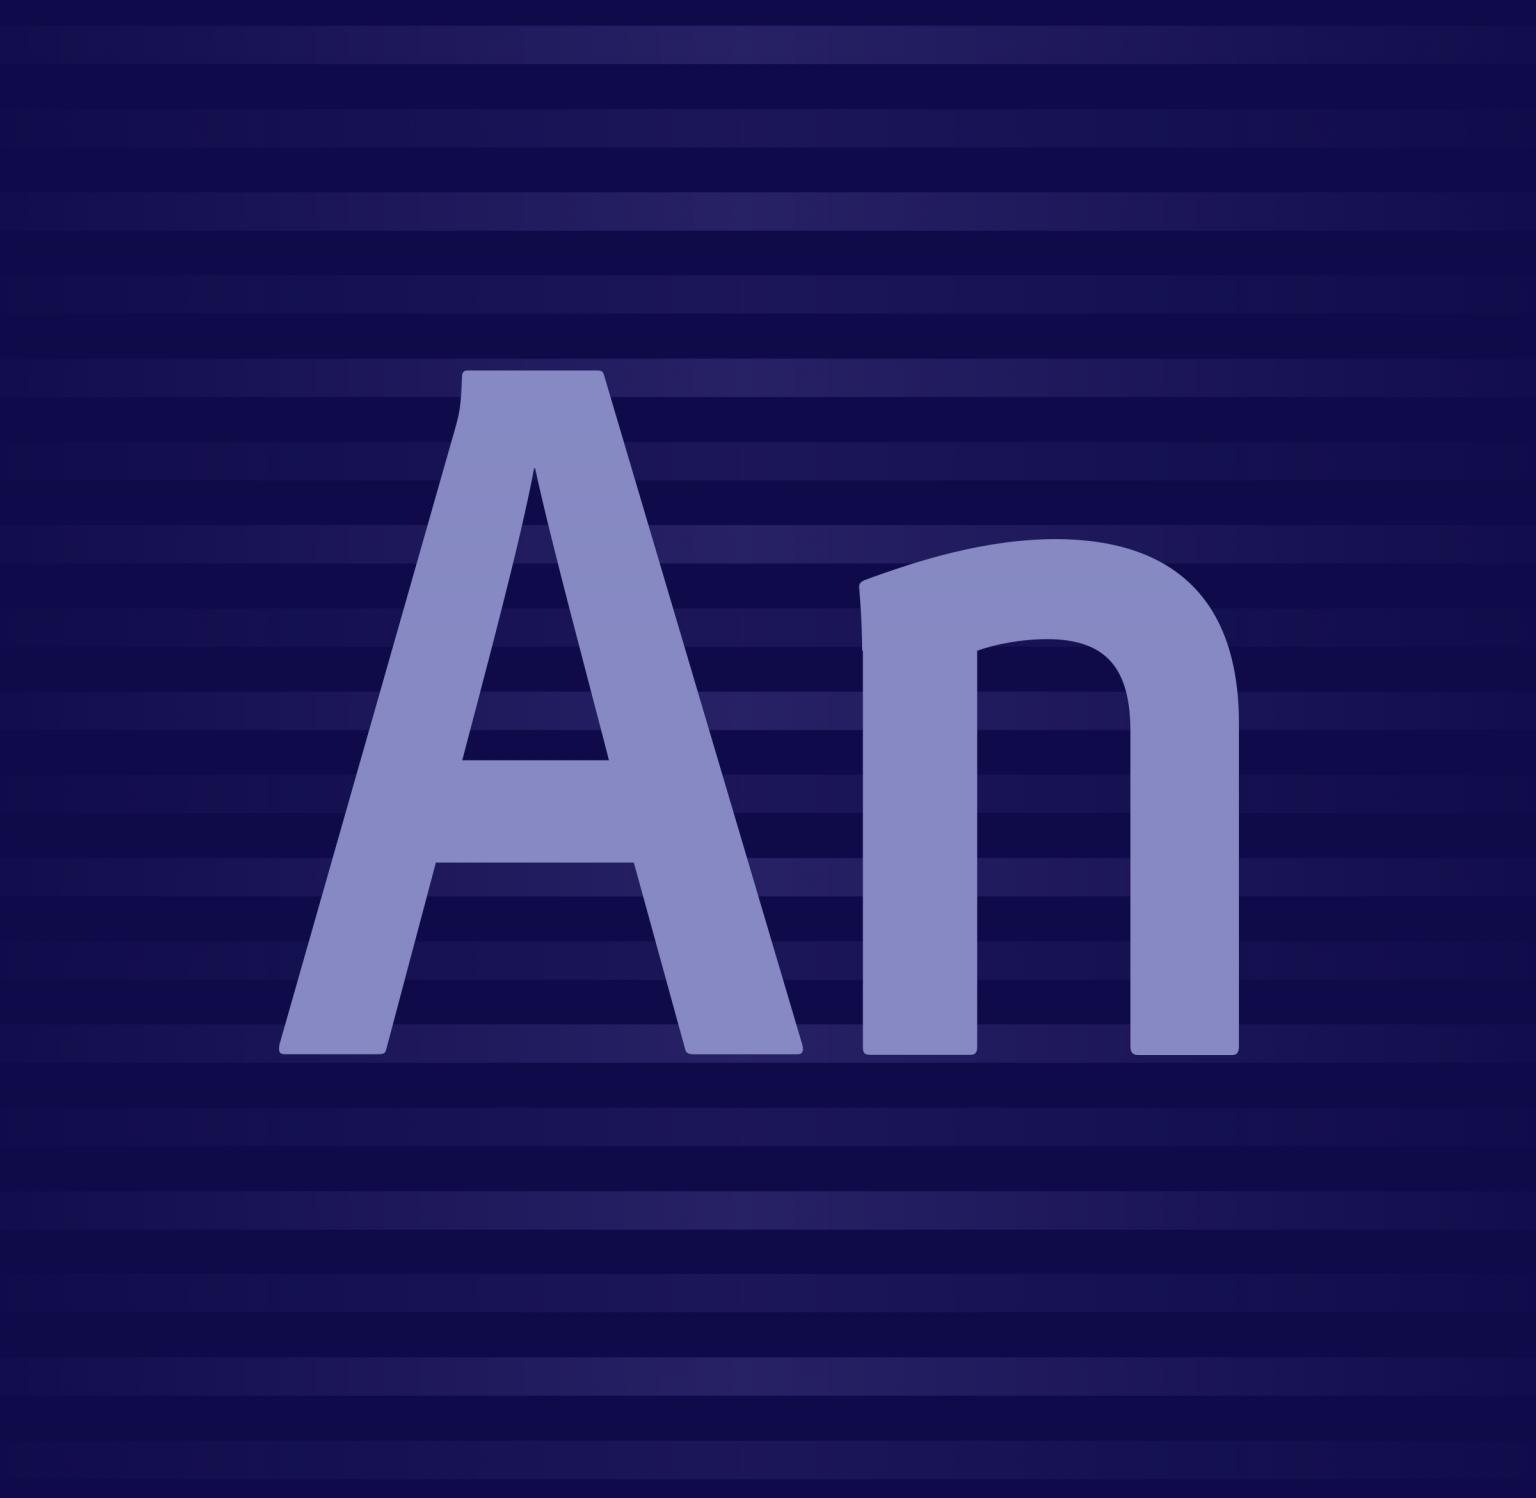 Curso de Adobe Edge Animate